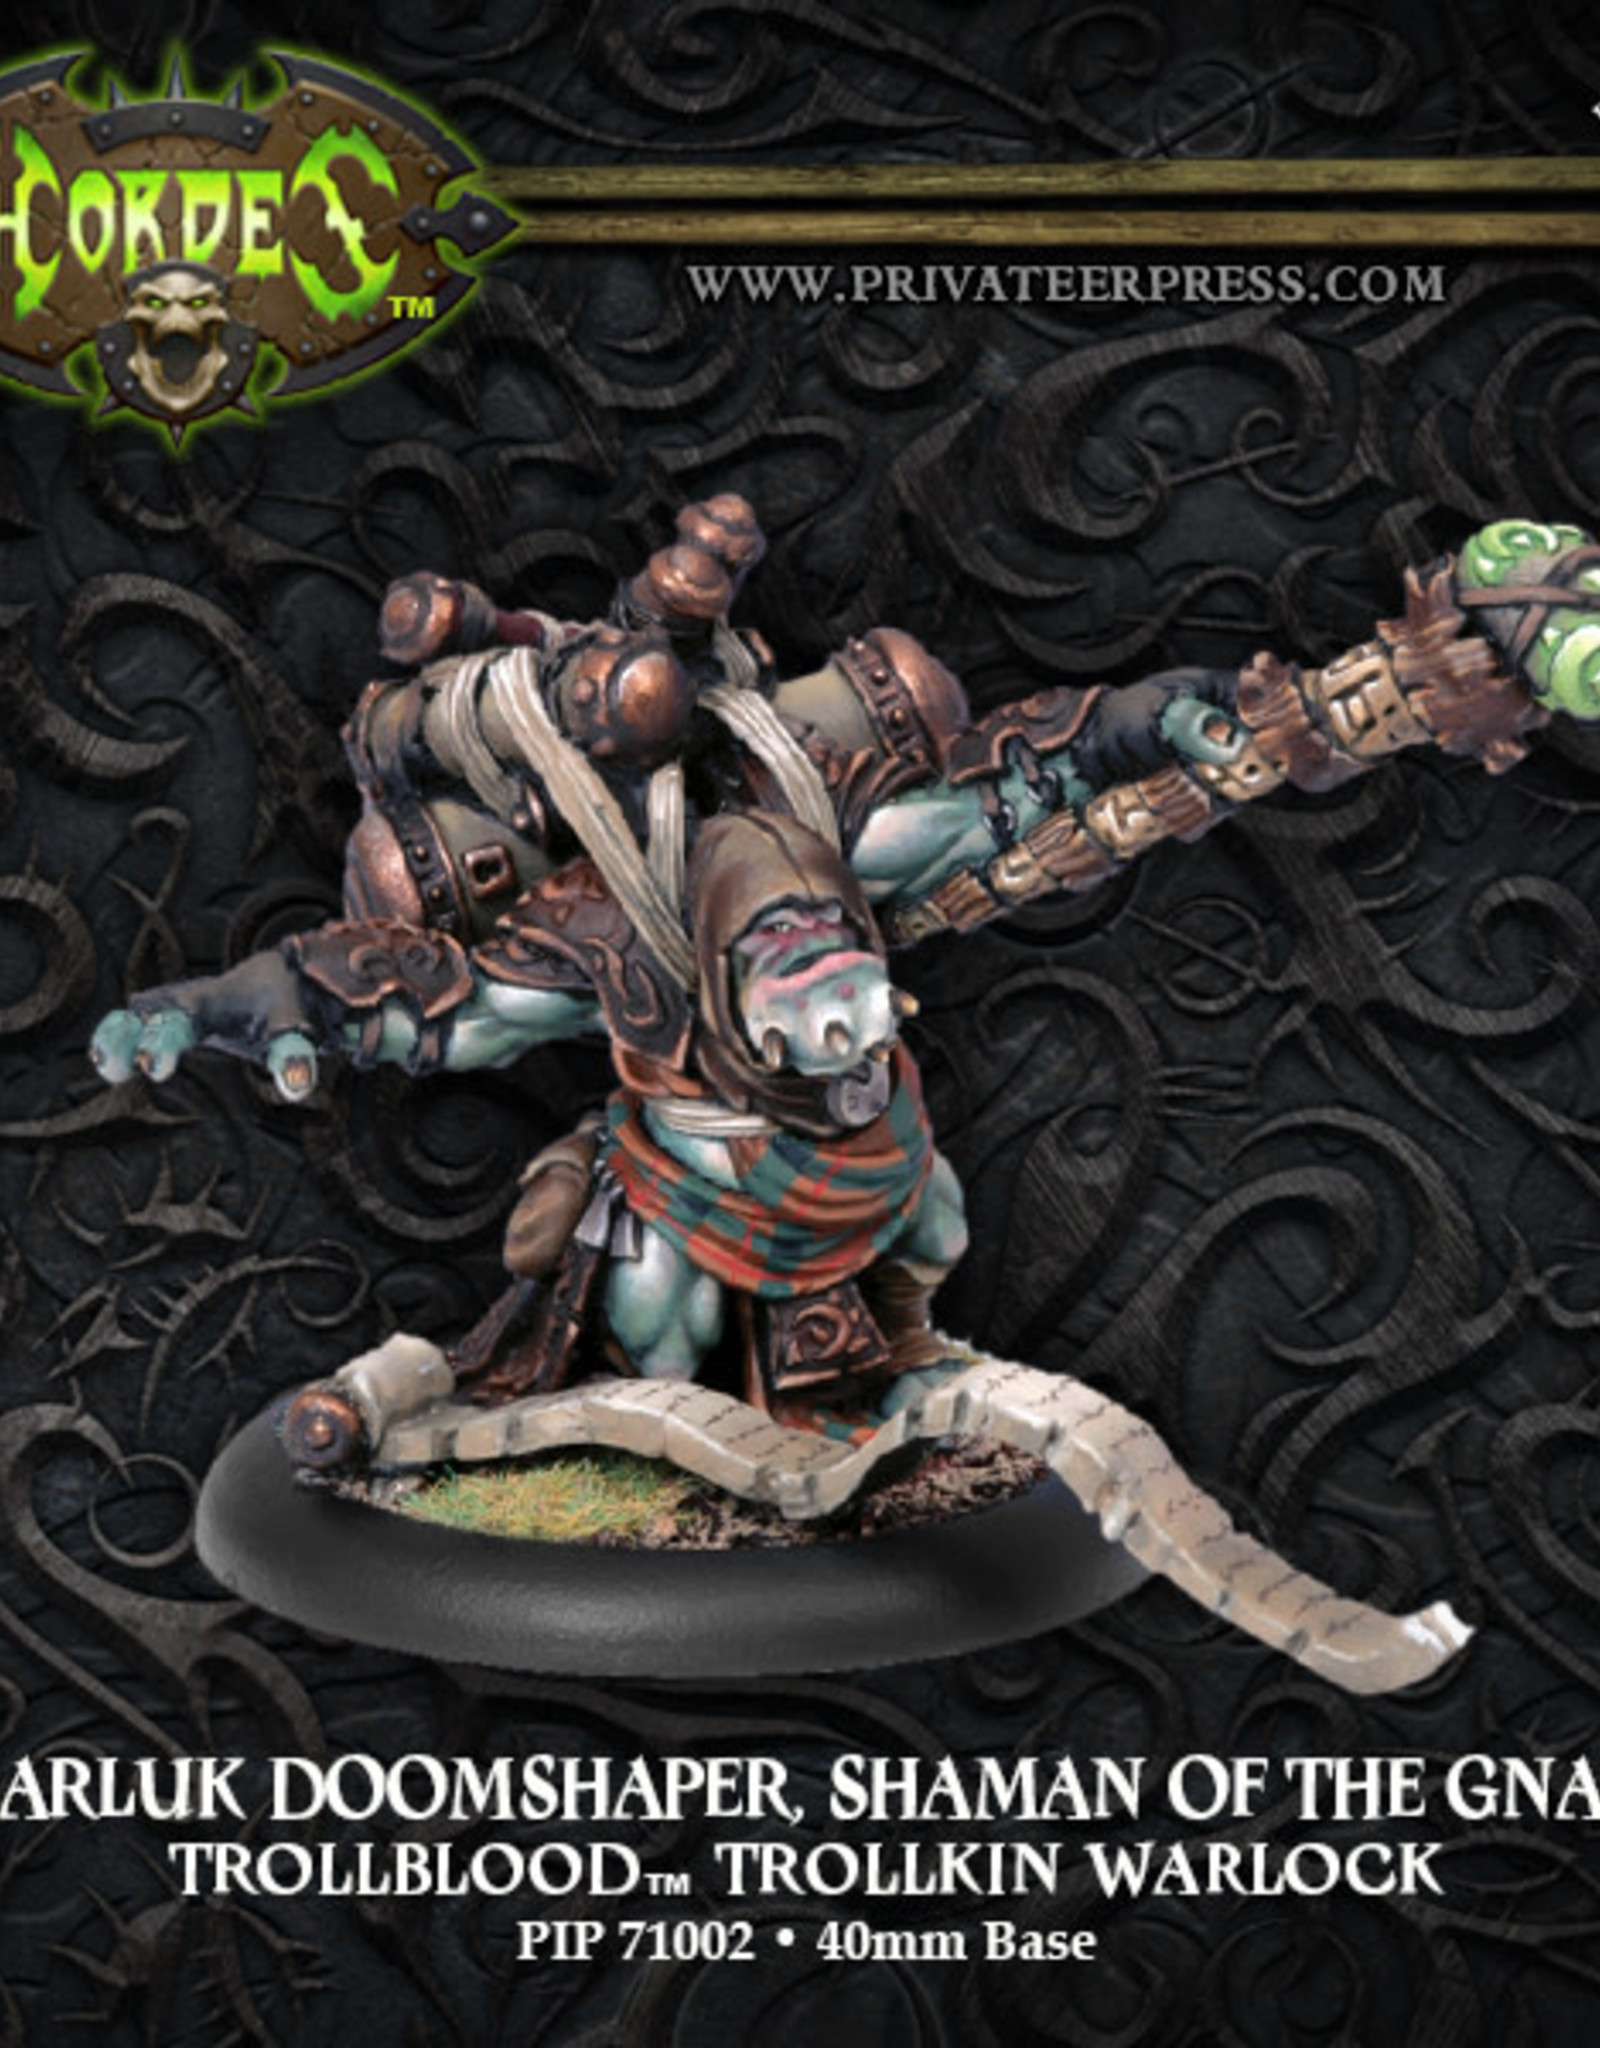 Hordes Trollbloods - Hoarluk Doomshaper Shaman of the Gnarls